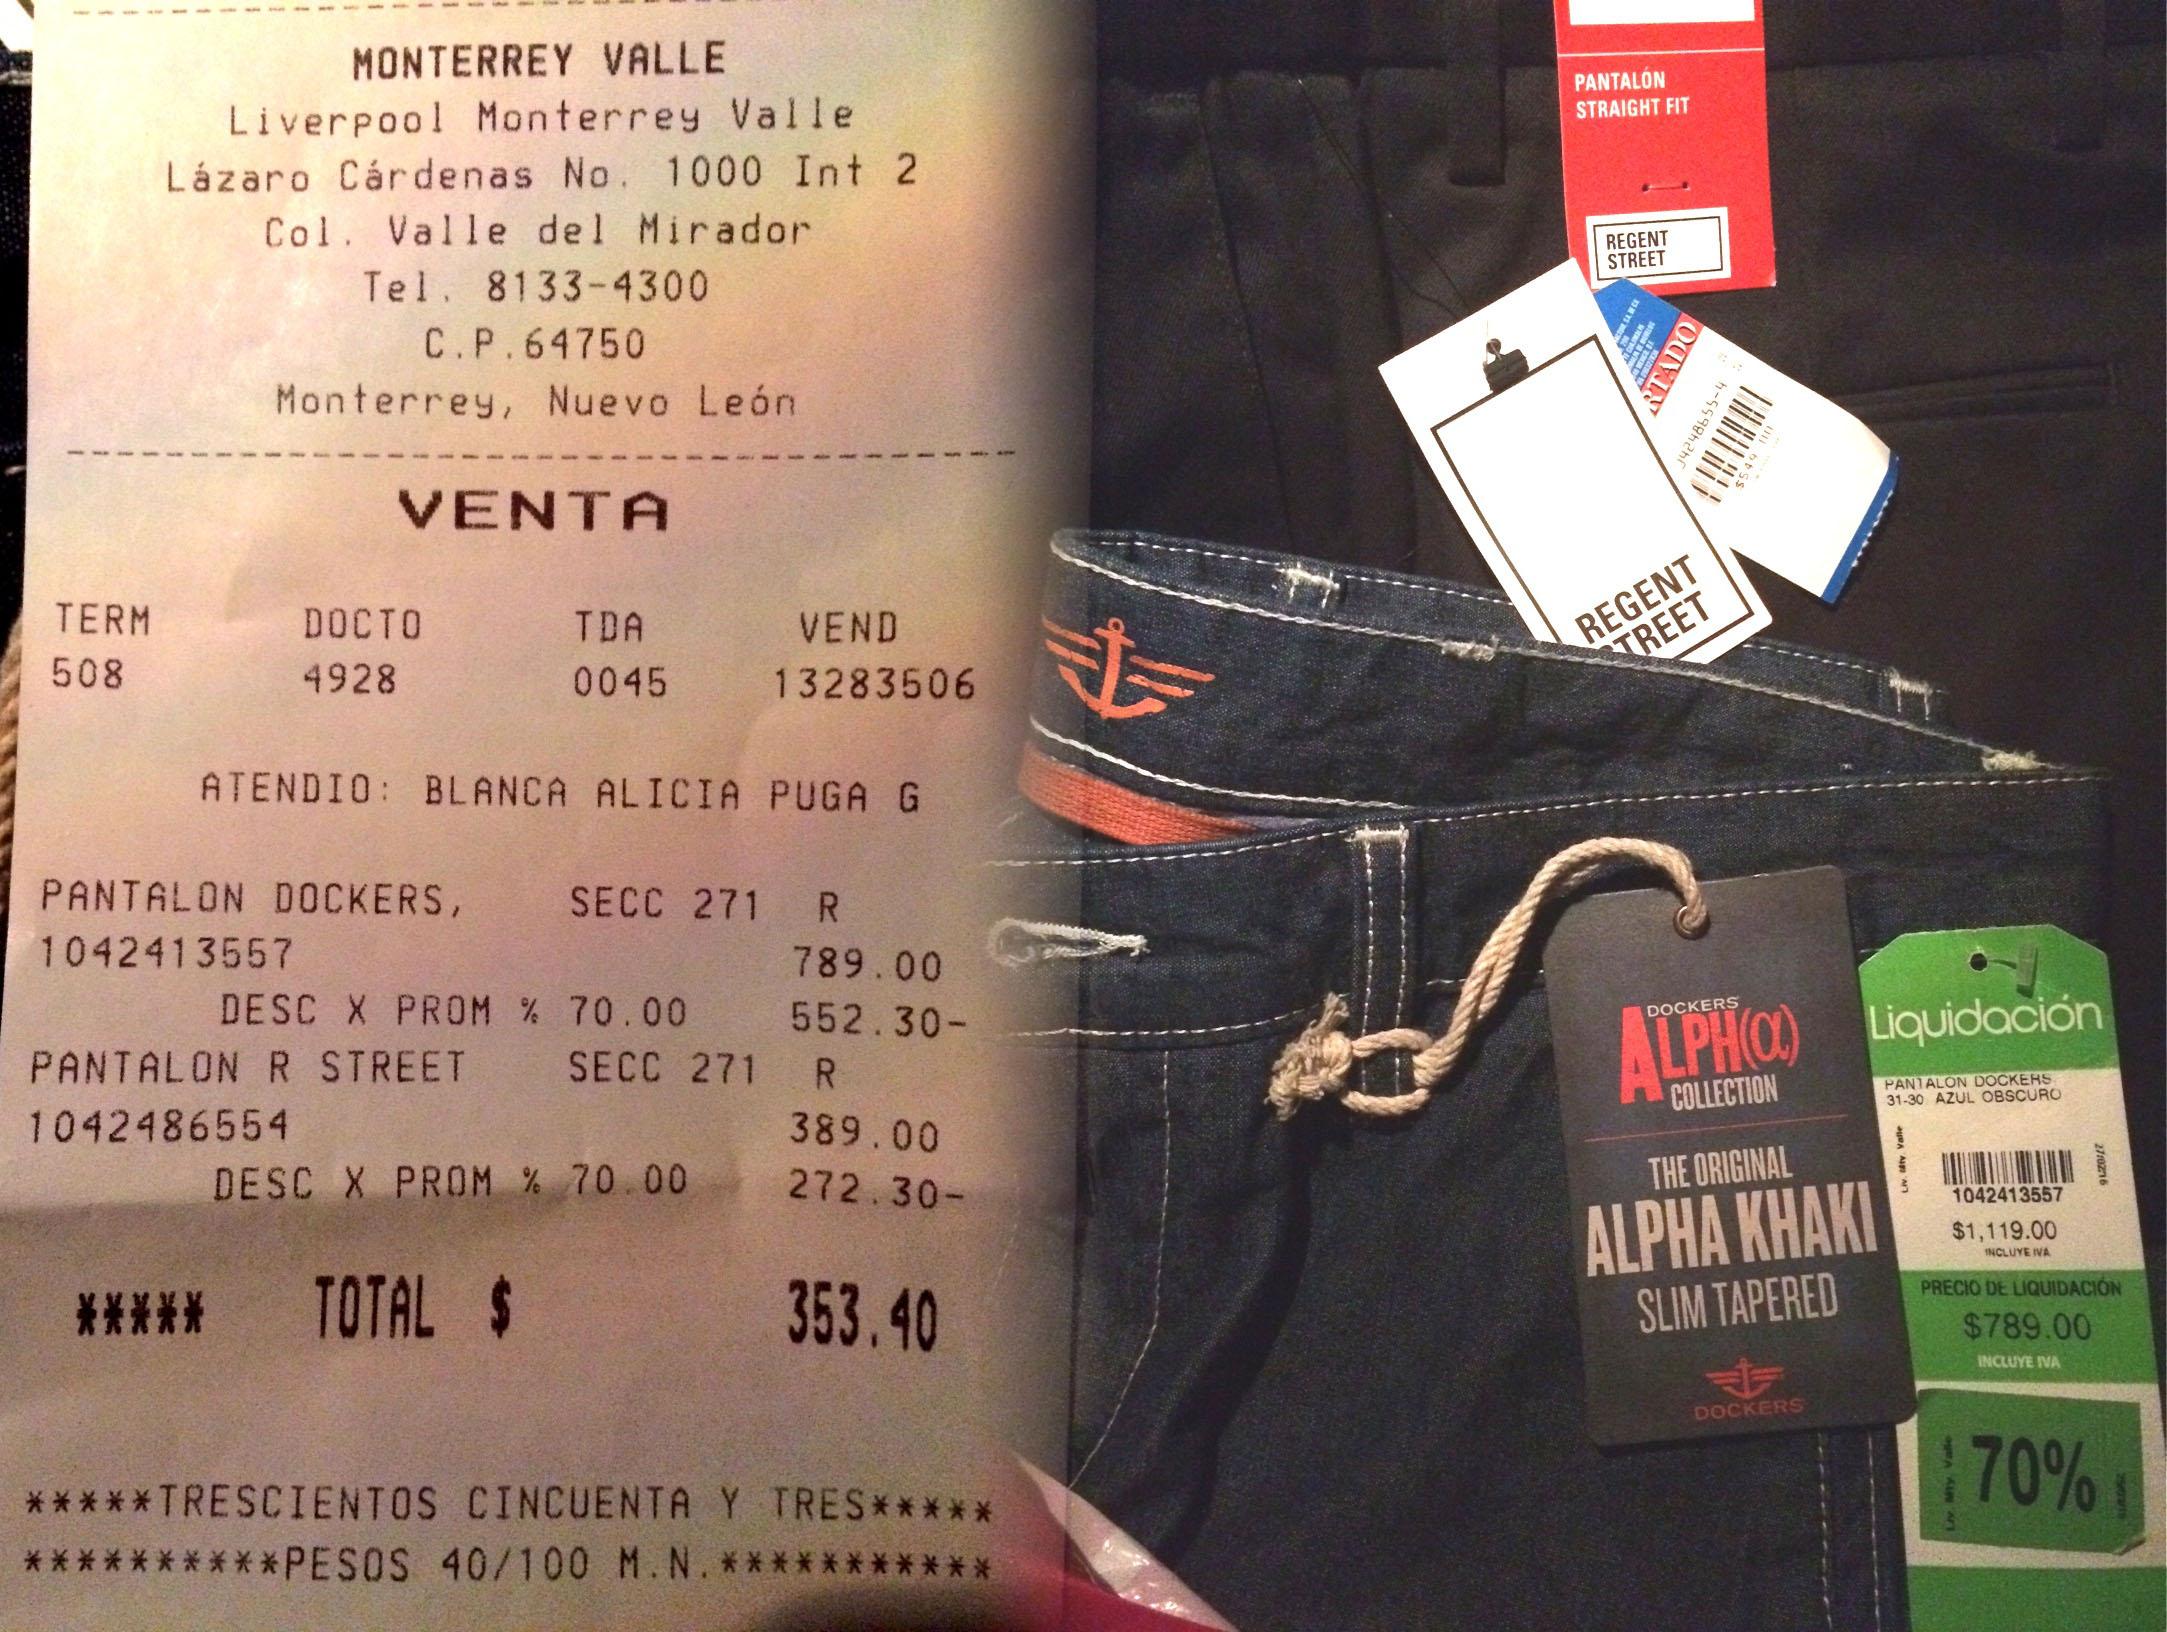 Liverpool suc. Valle Oriente MTY: Pantalón Dockers rebajado de $1119 a $236